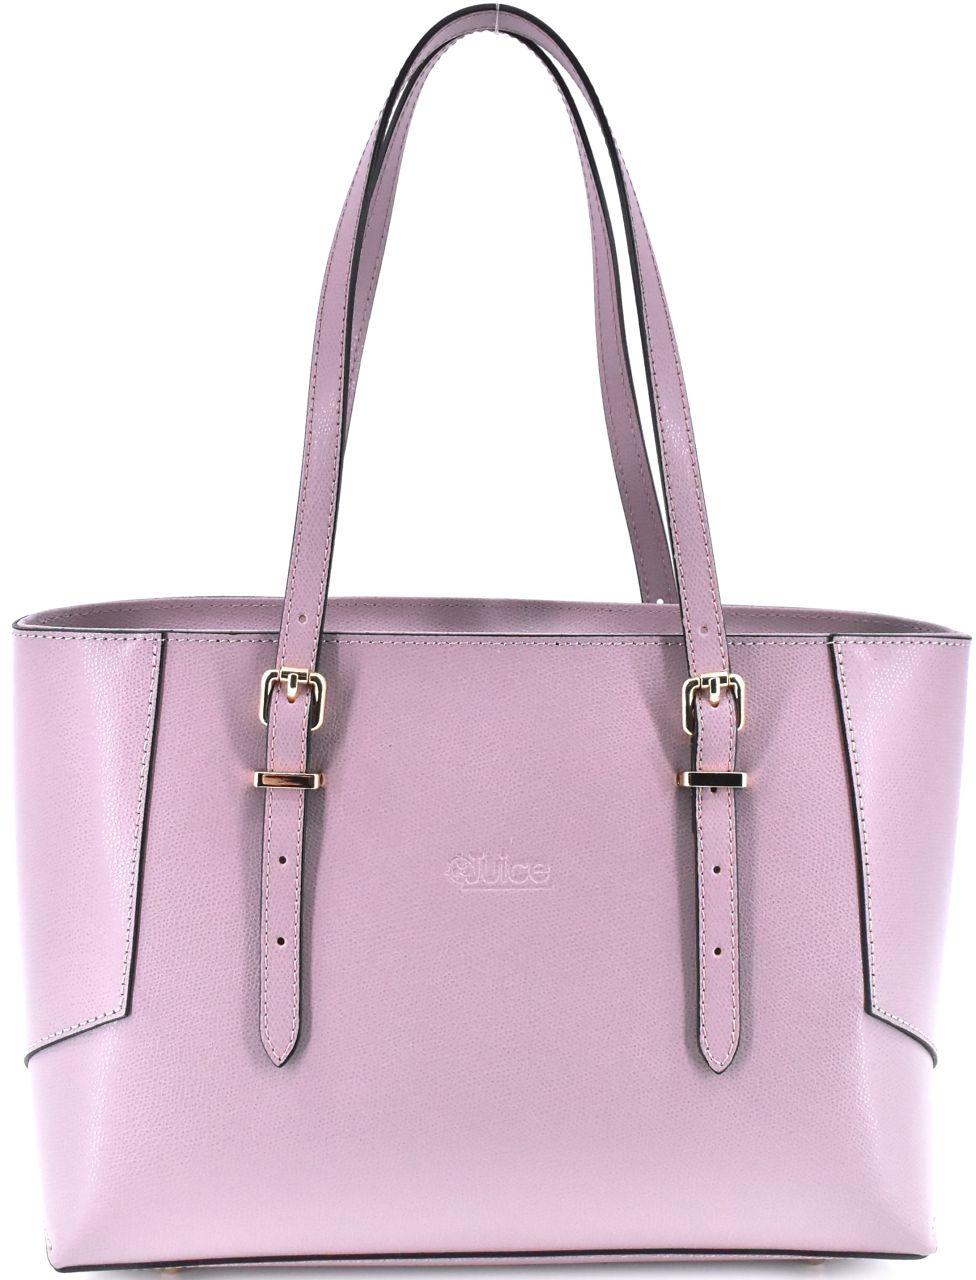 Dámská kožená kabelka Juice - růžová pudrová 112304